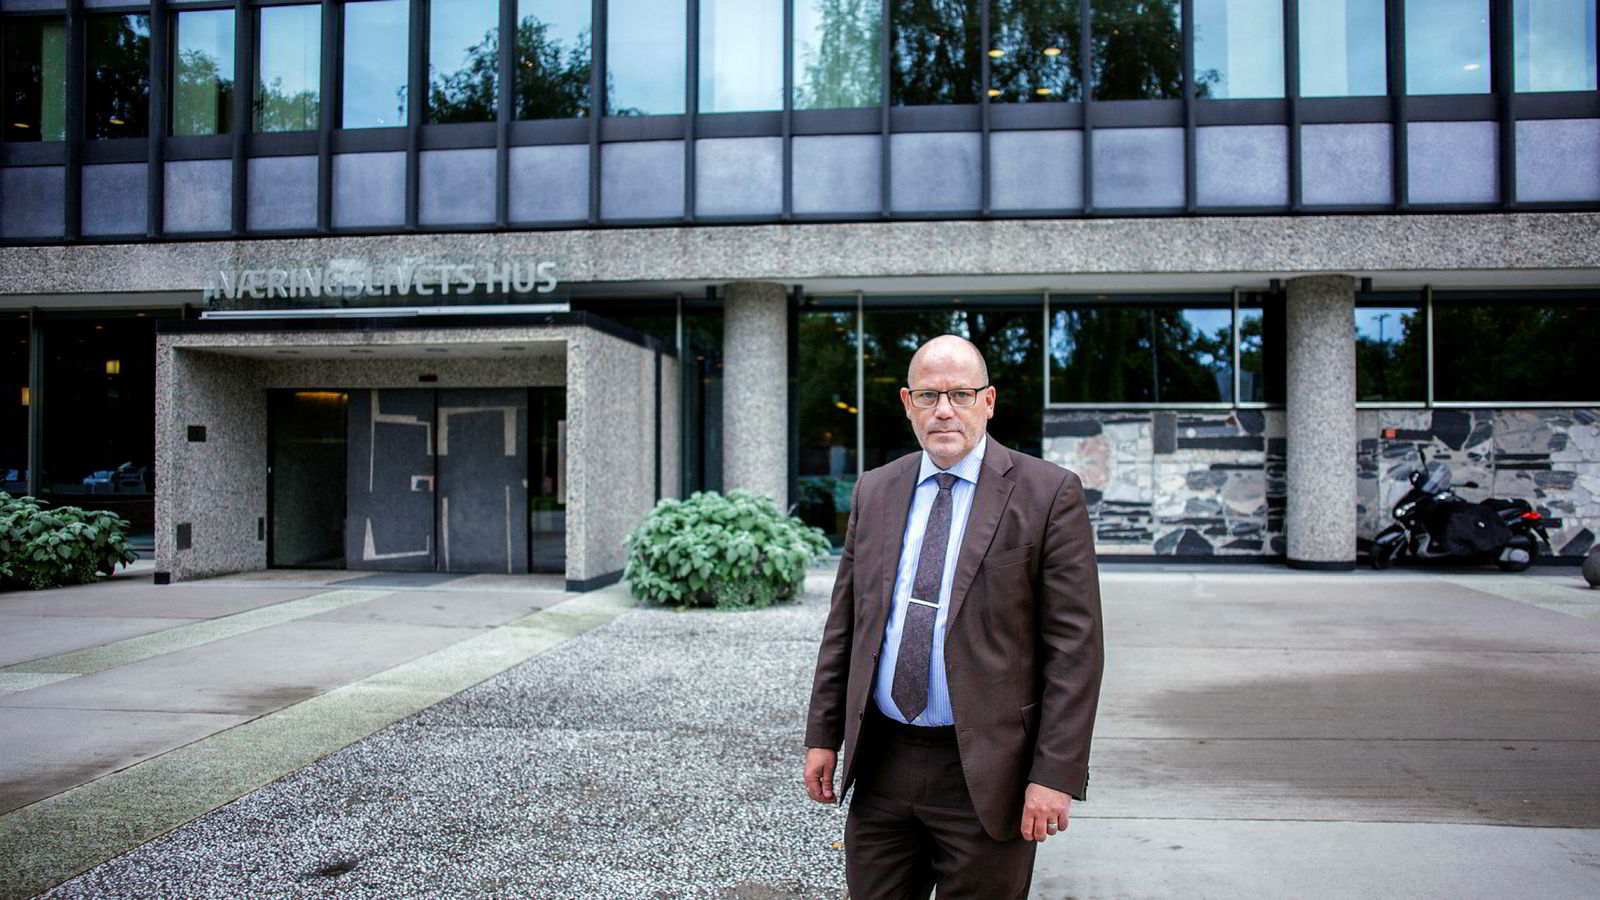 Næringslivets sikkerhetsråd merker økt etterspørsel om sikkerhetsråd fra sine medlemmer, ifølge seniorrådgiver Arne Røed Simonsen.